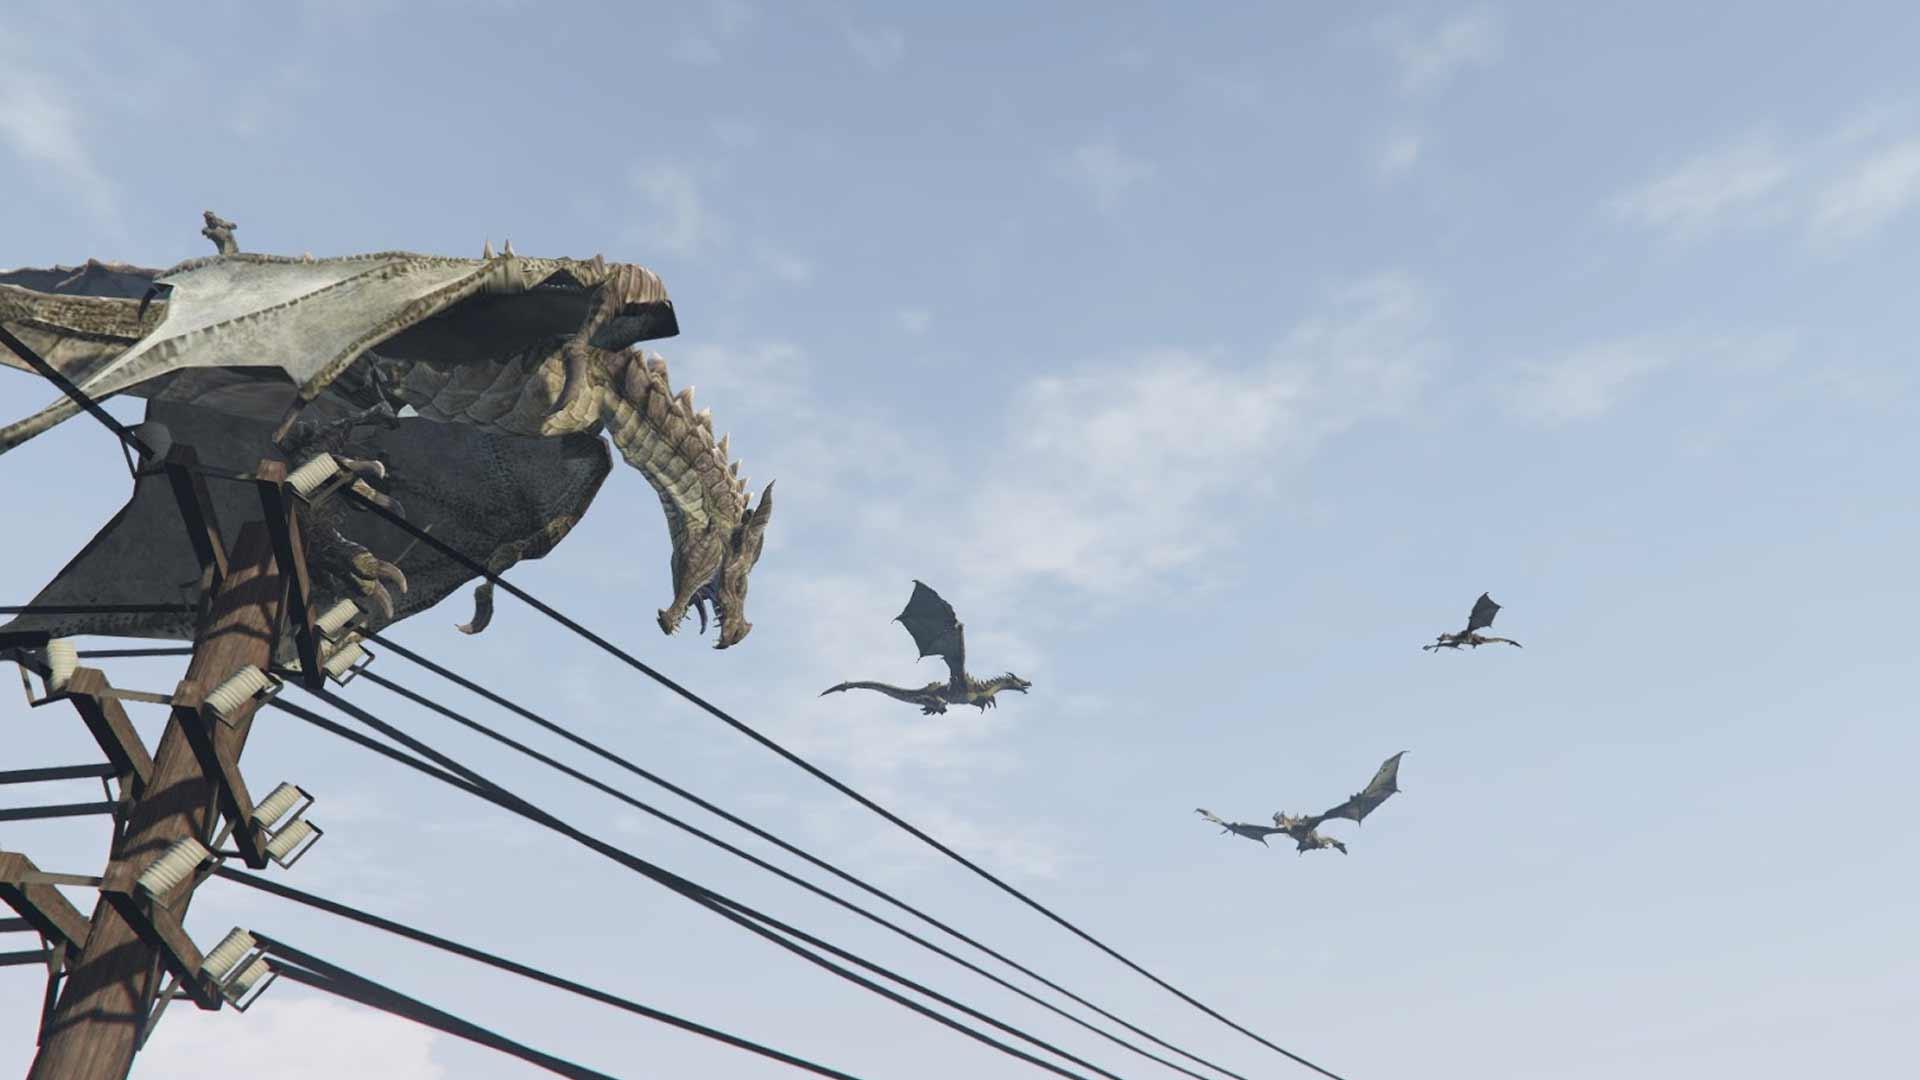 Принесите игру престолов в Grand Theft Auto с огнедышащими драконами